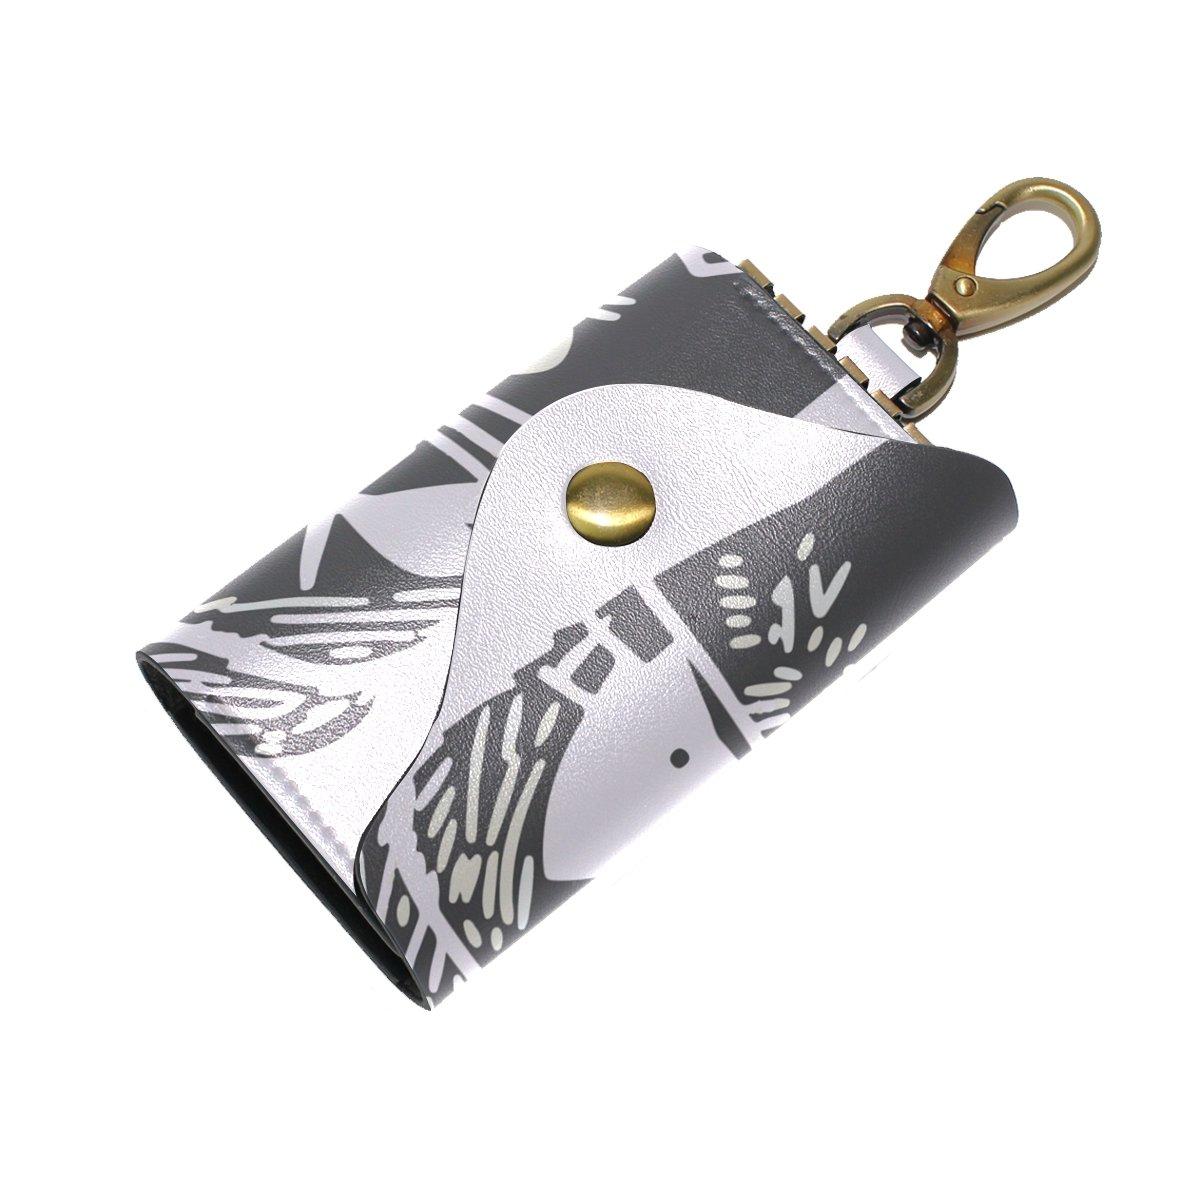 DEYYA Cat Fish Bone Leather Key Case Wallets Unisex Keychain Key Holder with 6 Hooks Snap Closure